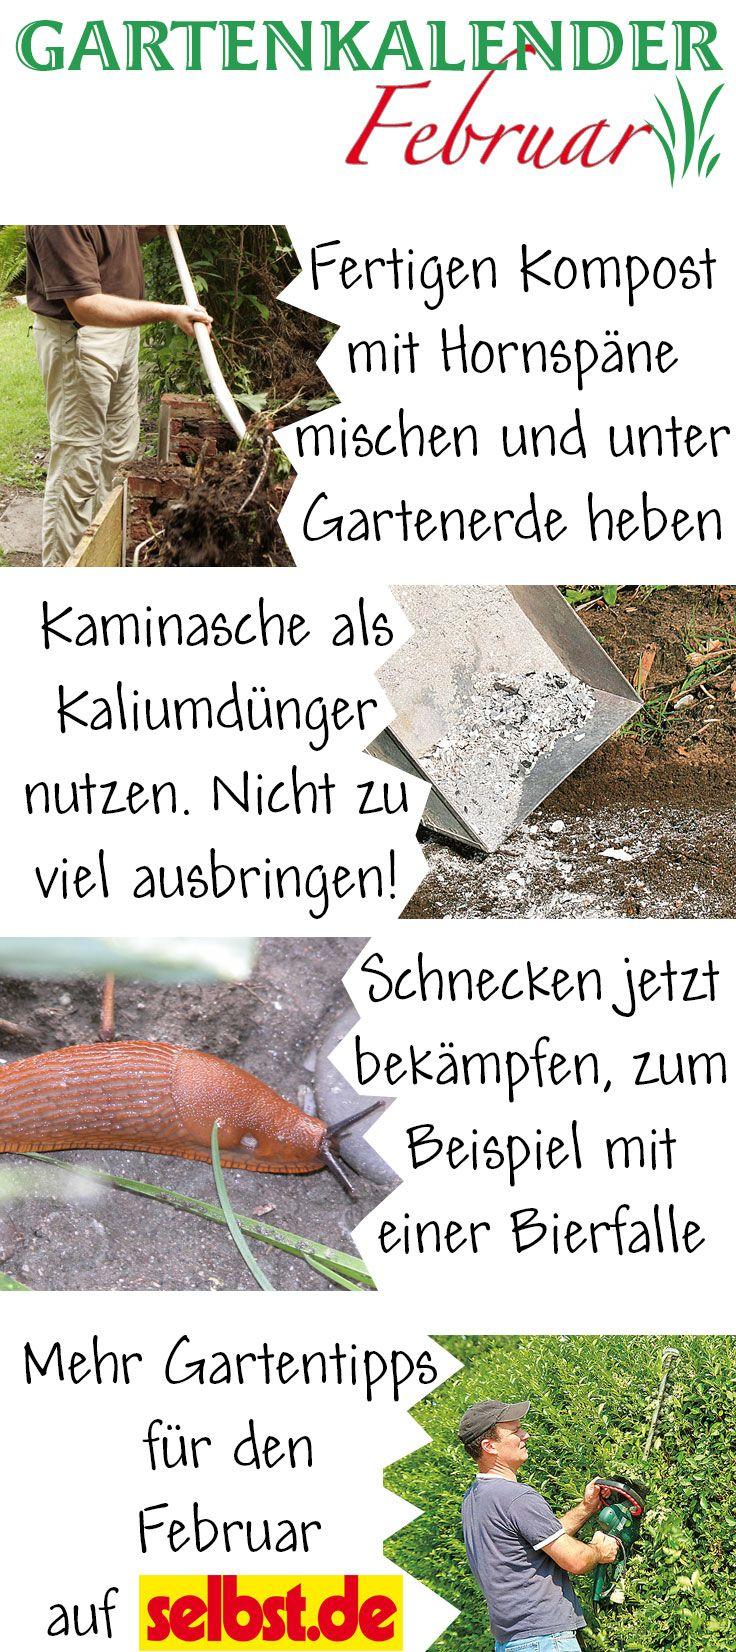 Gartenarbeit februar  Gartenkalender: Februar | Gartenkalender, Gärten und Gartenarbeit